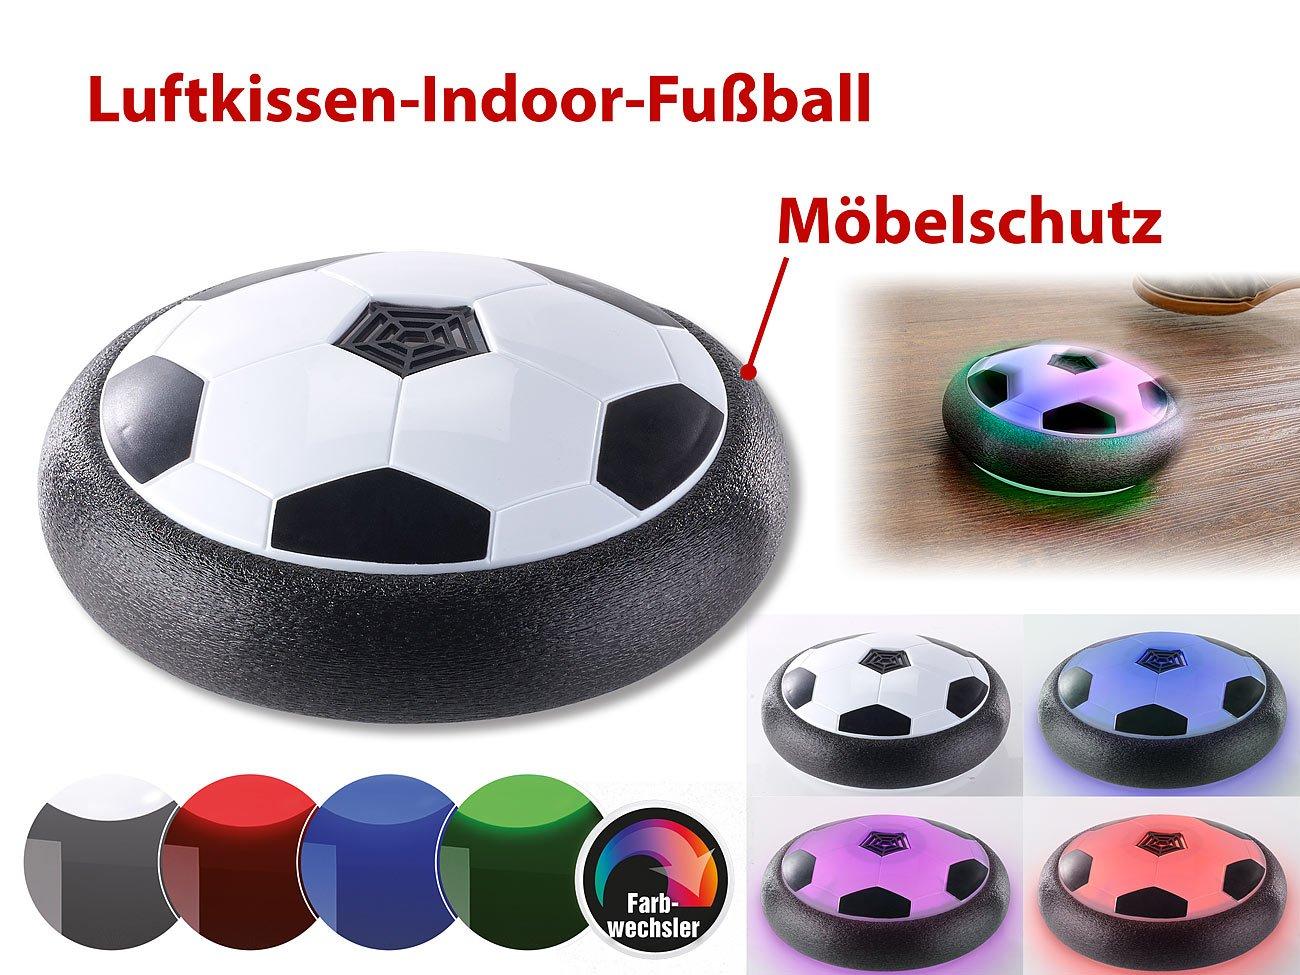 Playtastic Luftkissenfussball: Schwebender Luftkissen-Indoor-Fußball ...